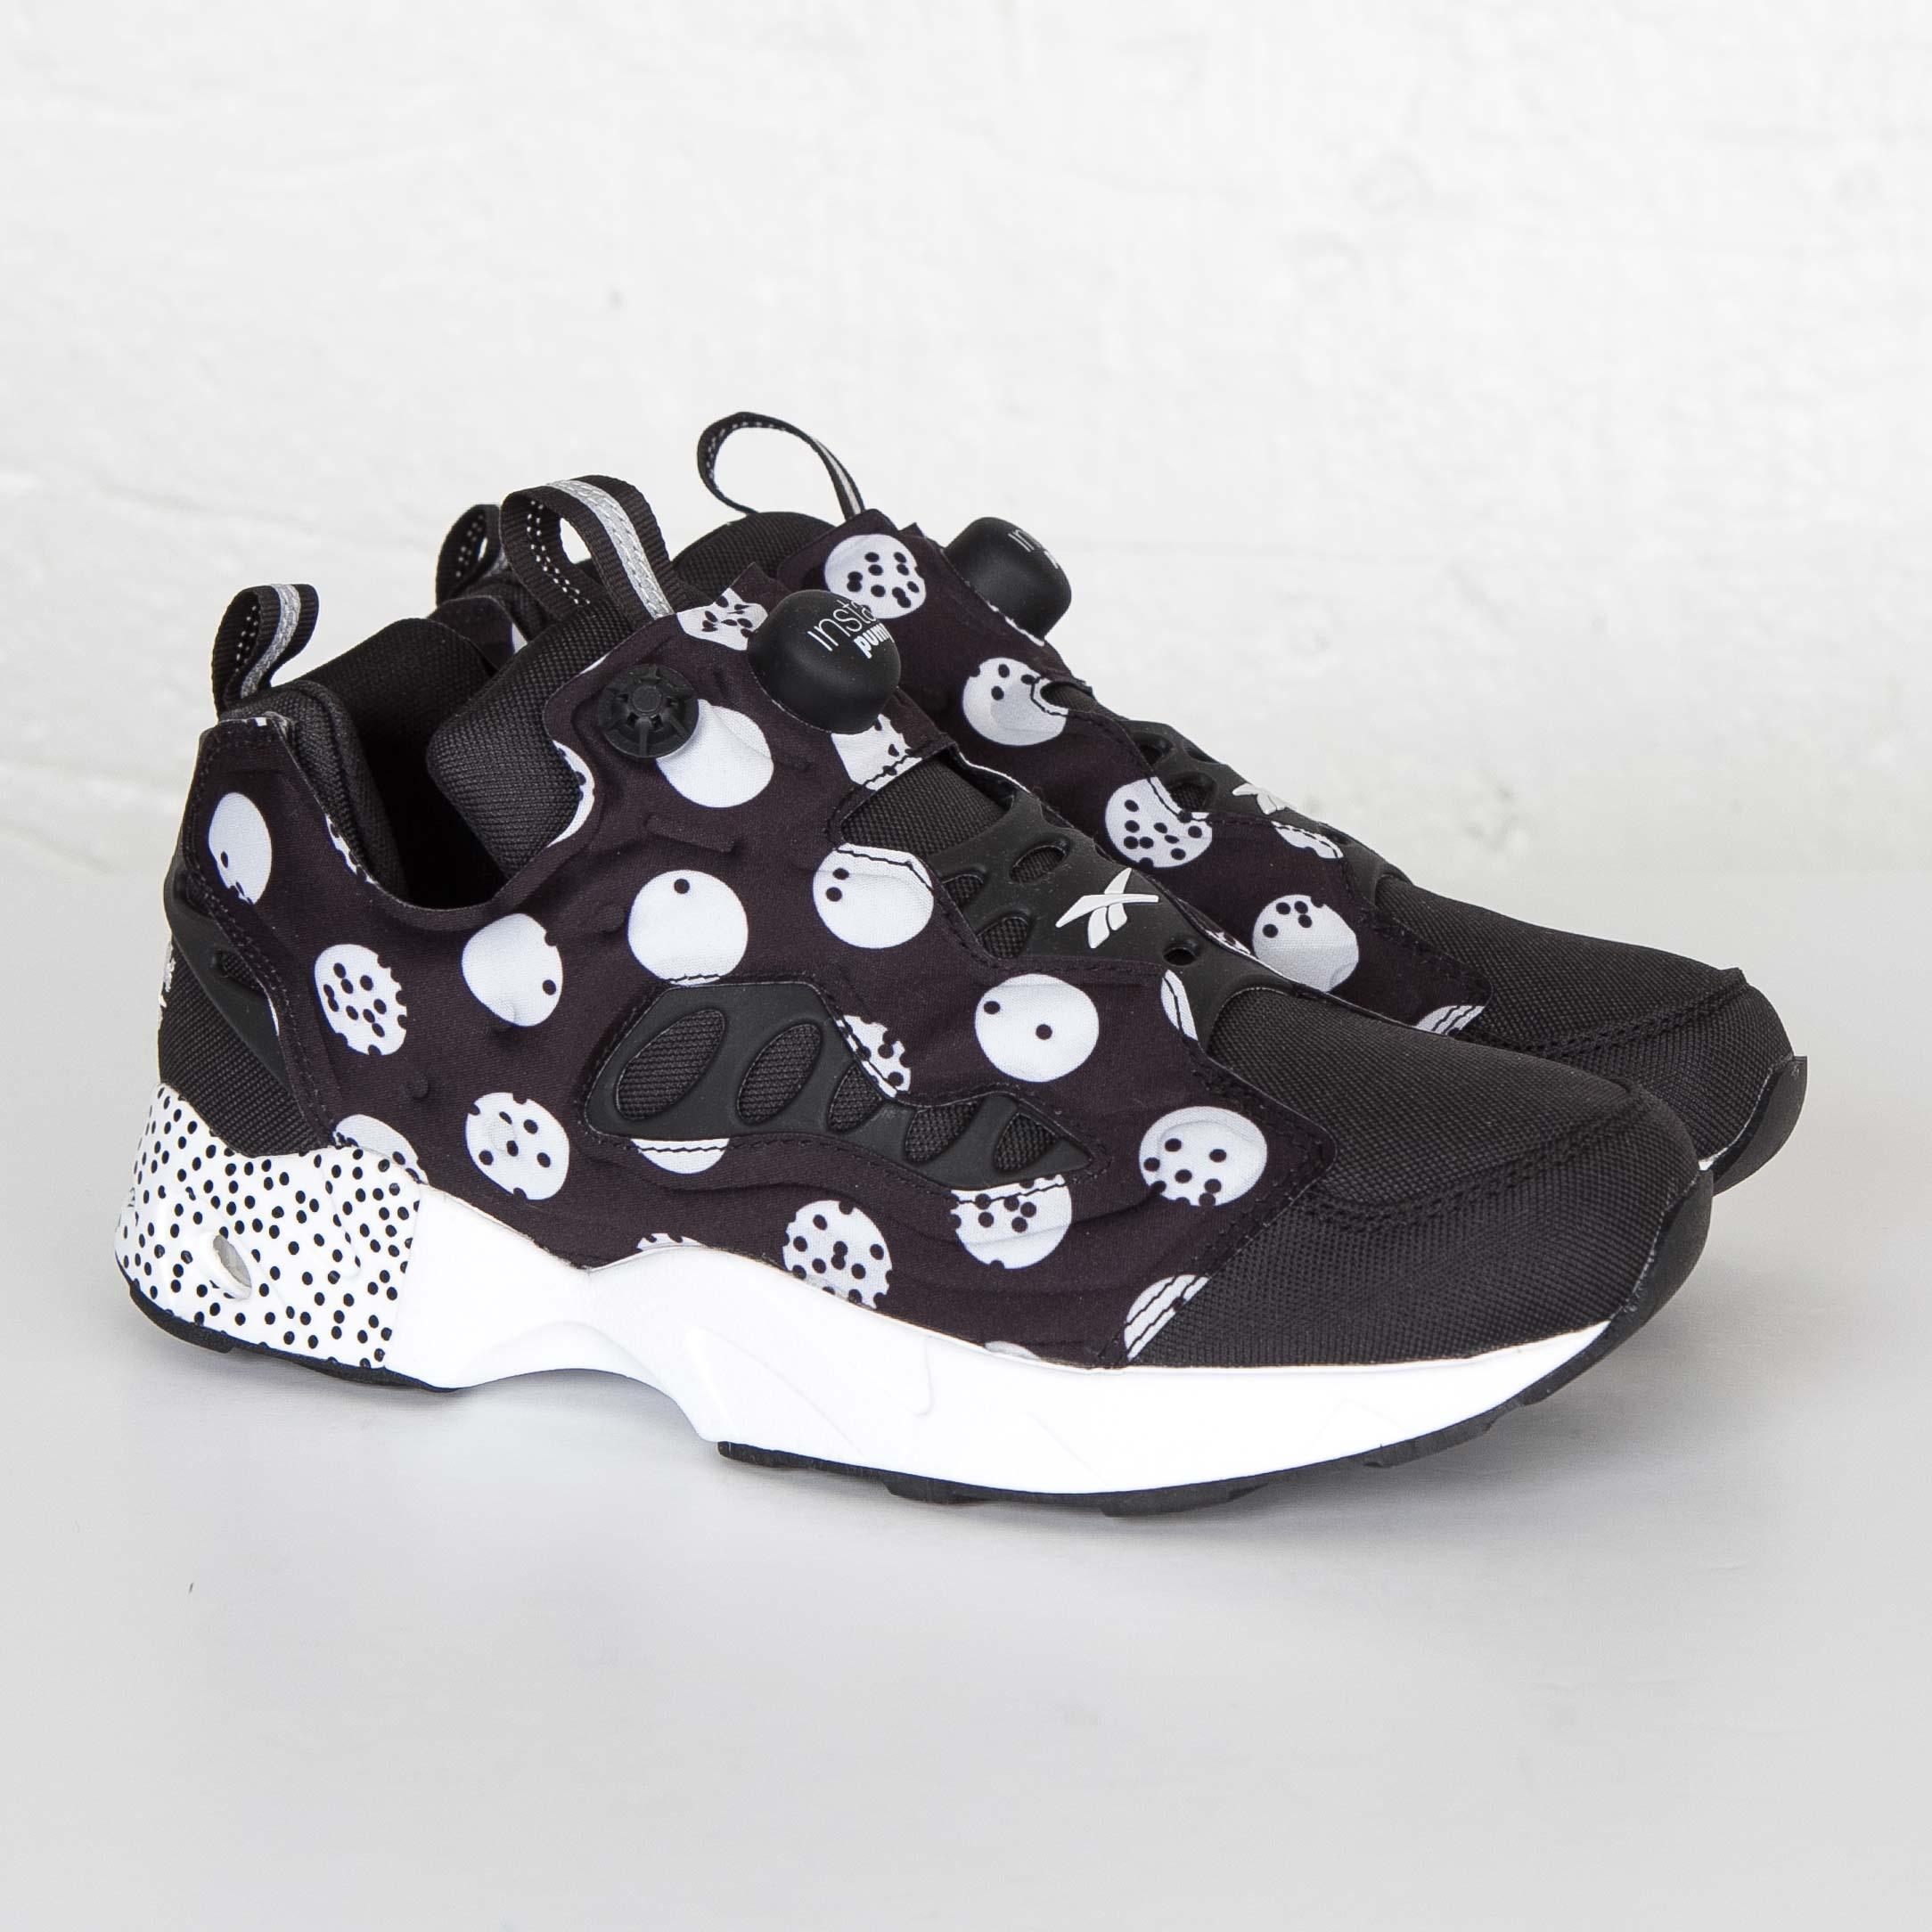 5958672cf203c2 Reebok Instapump Fury Road SG - V68799 - Sneakersnstuff